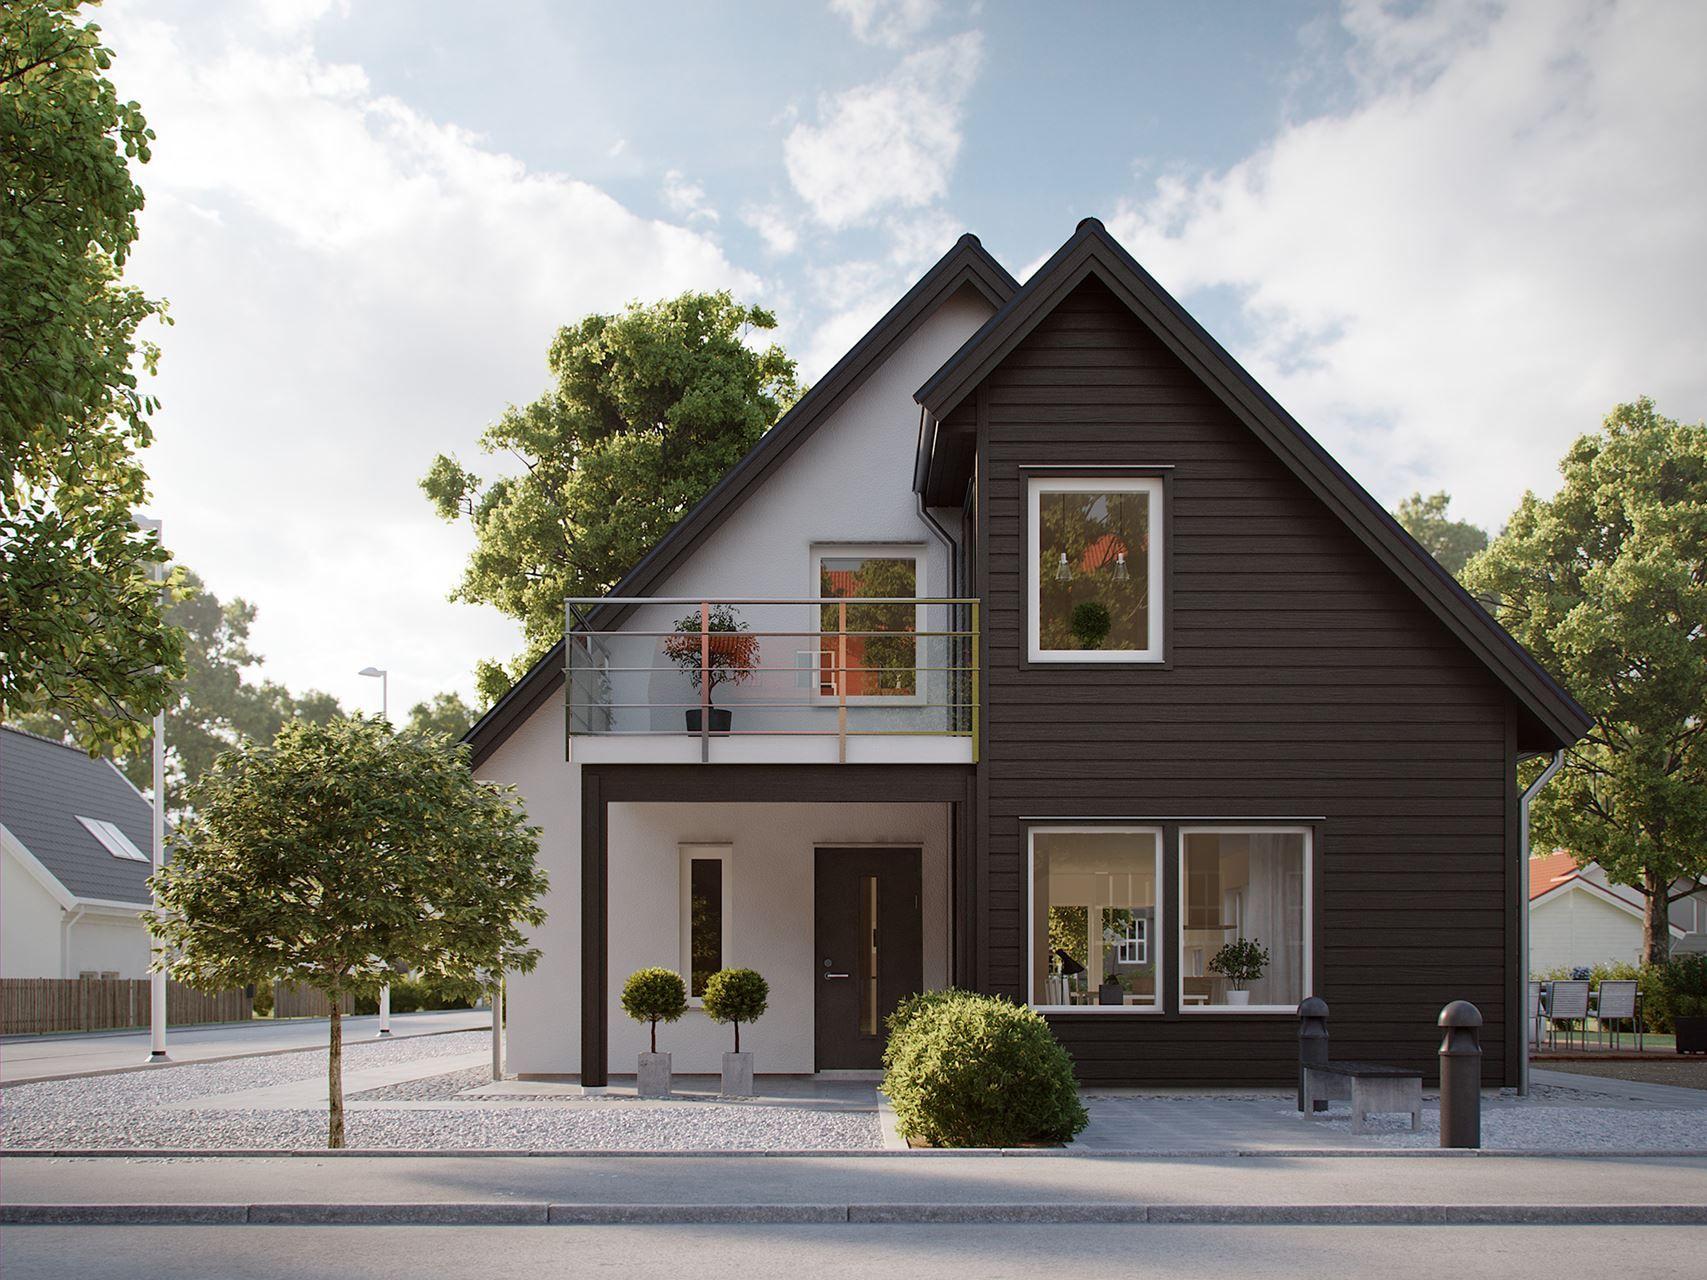 pin von thomas worbs auf erste pw pinterest anbau haus ideen und hausbau. Black Bedroom Furniture Sets. Home Design Ideas